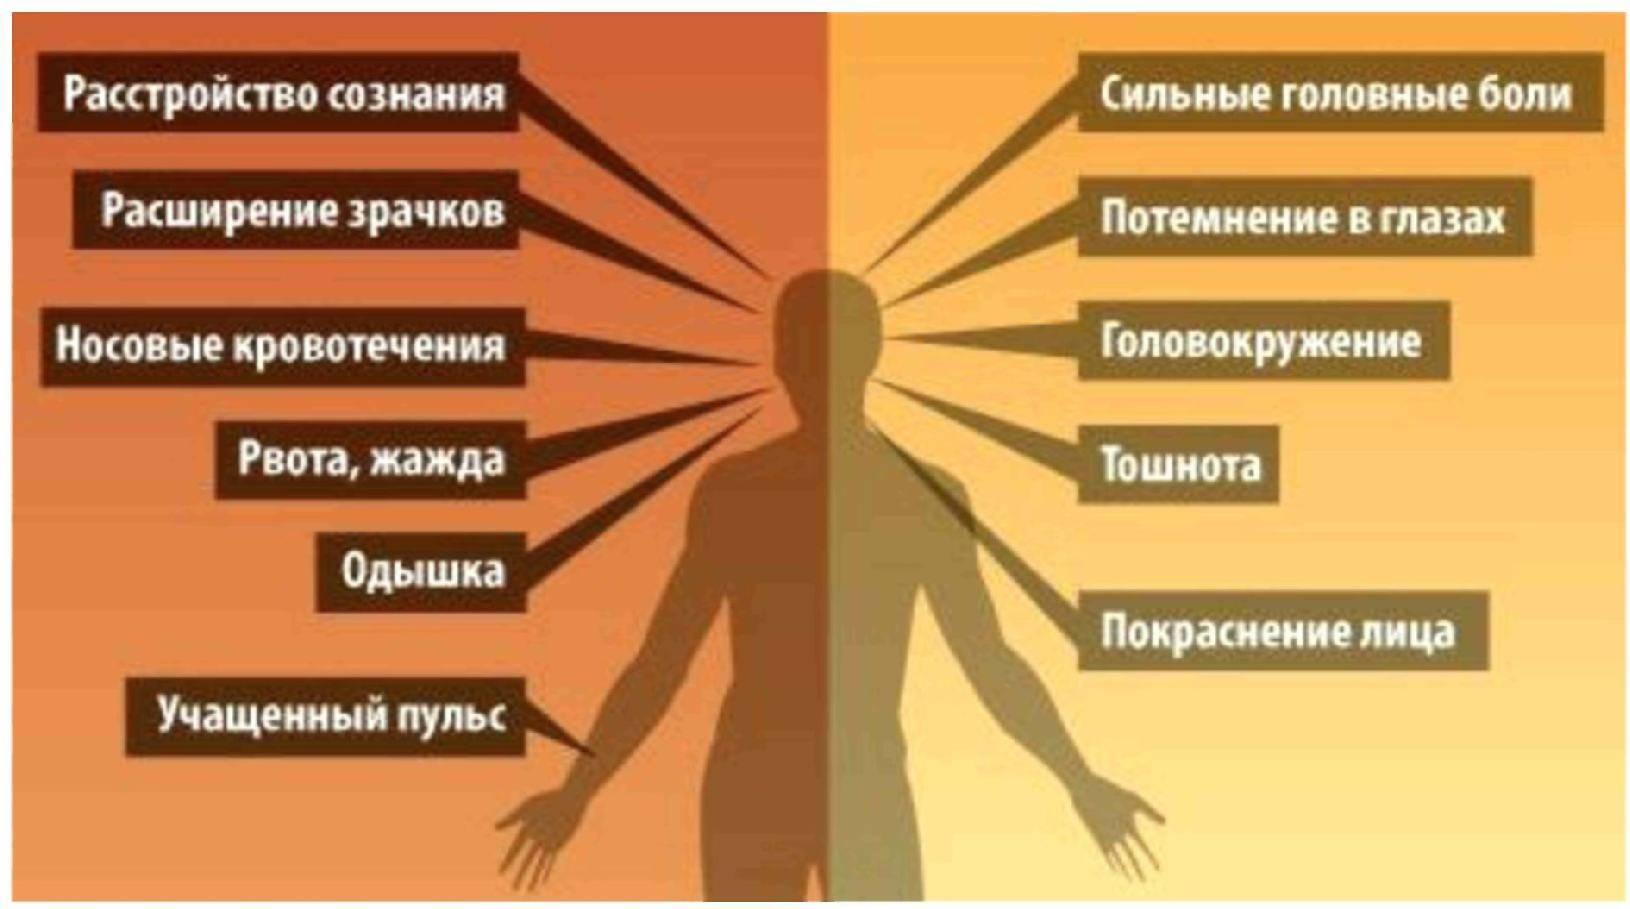 Тепловой удар: причины, симптомы, первая помощь, лечение